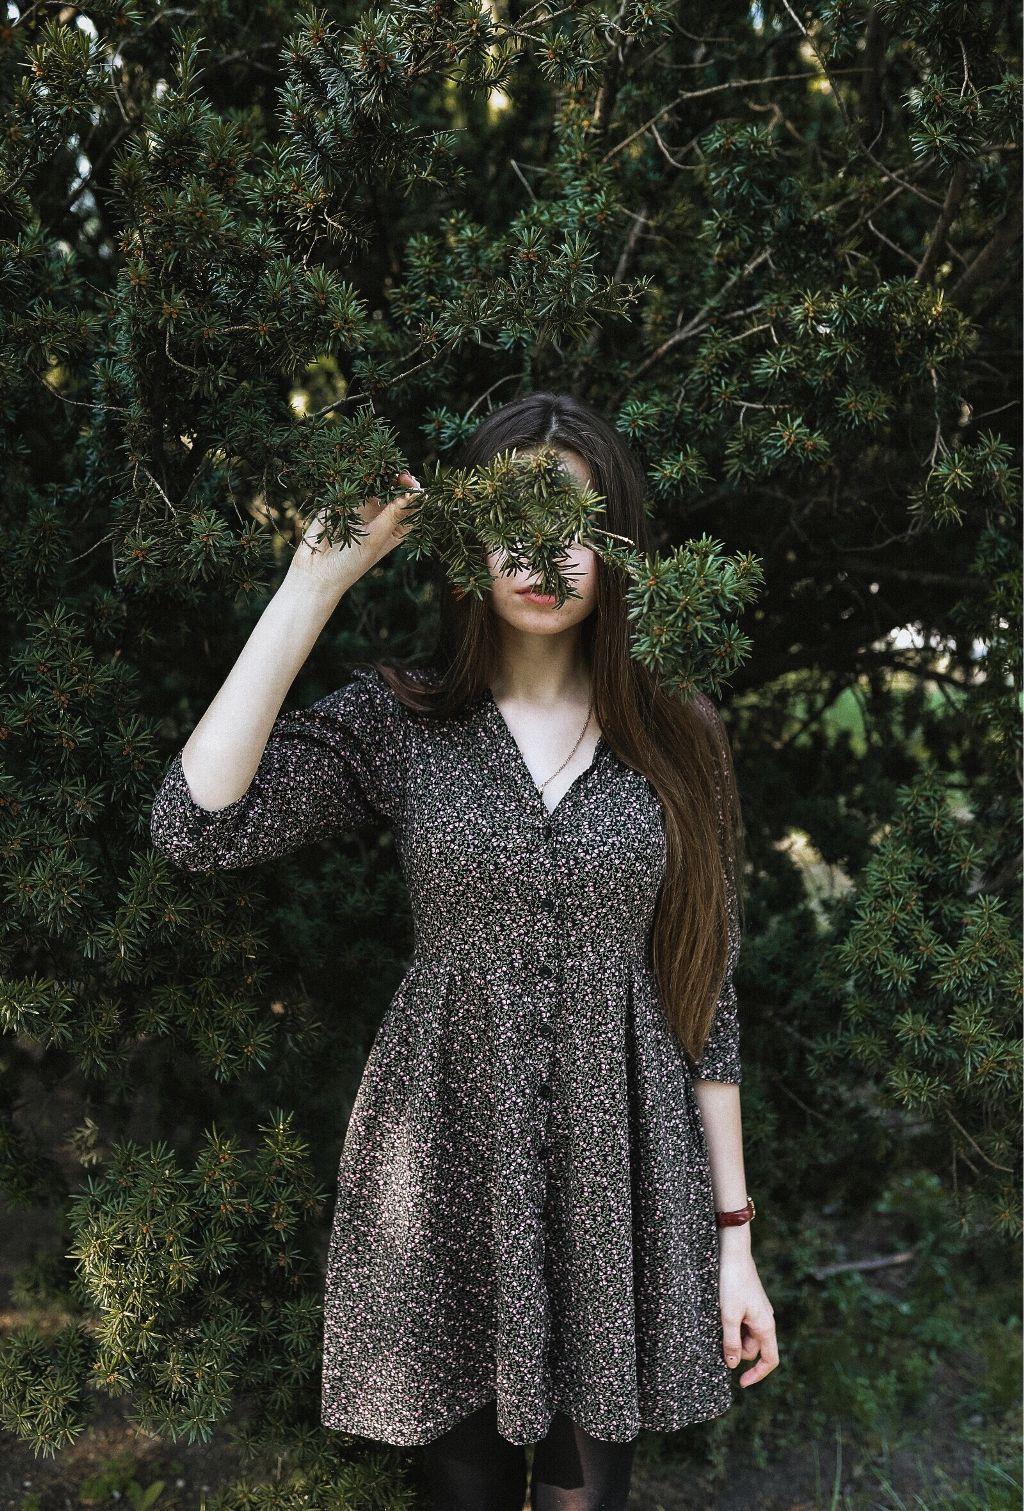 #girl #vintage #nature